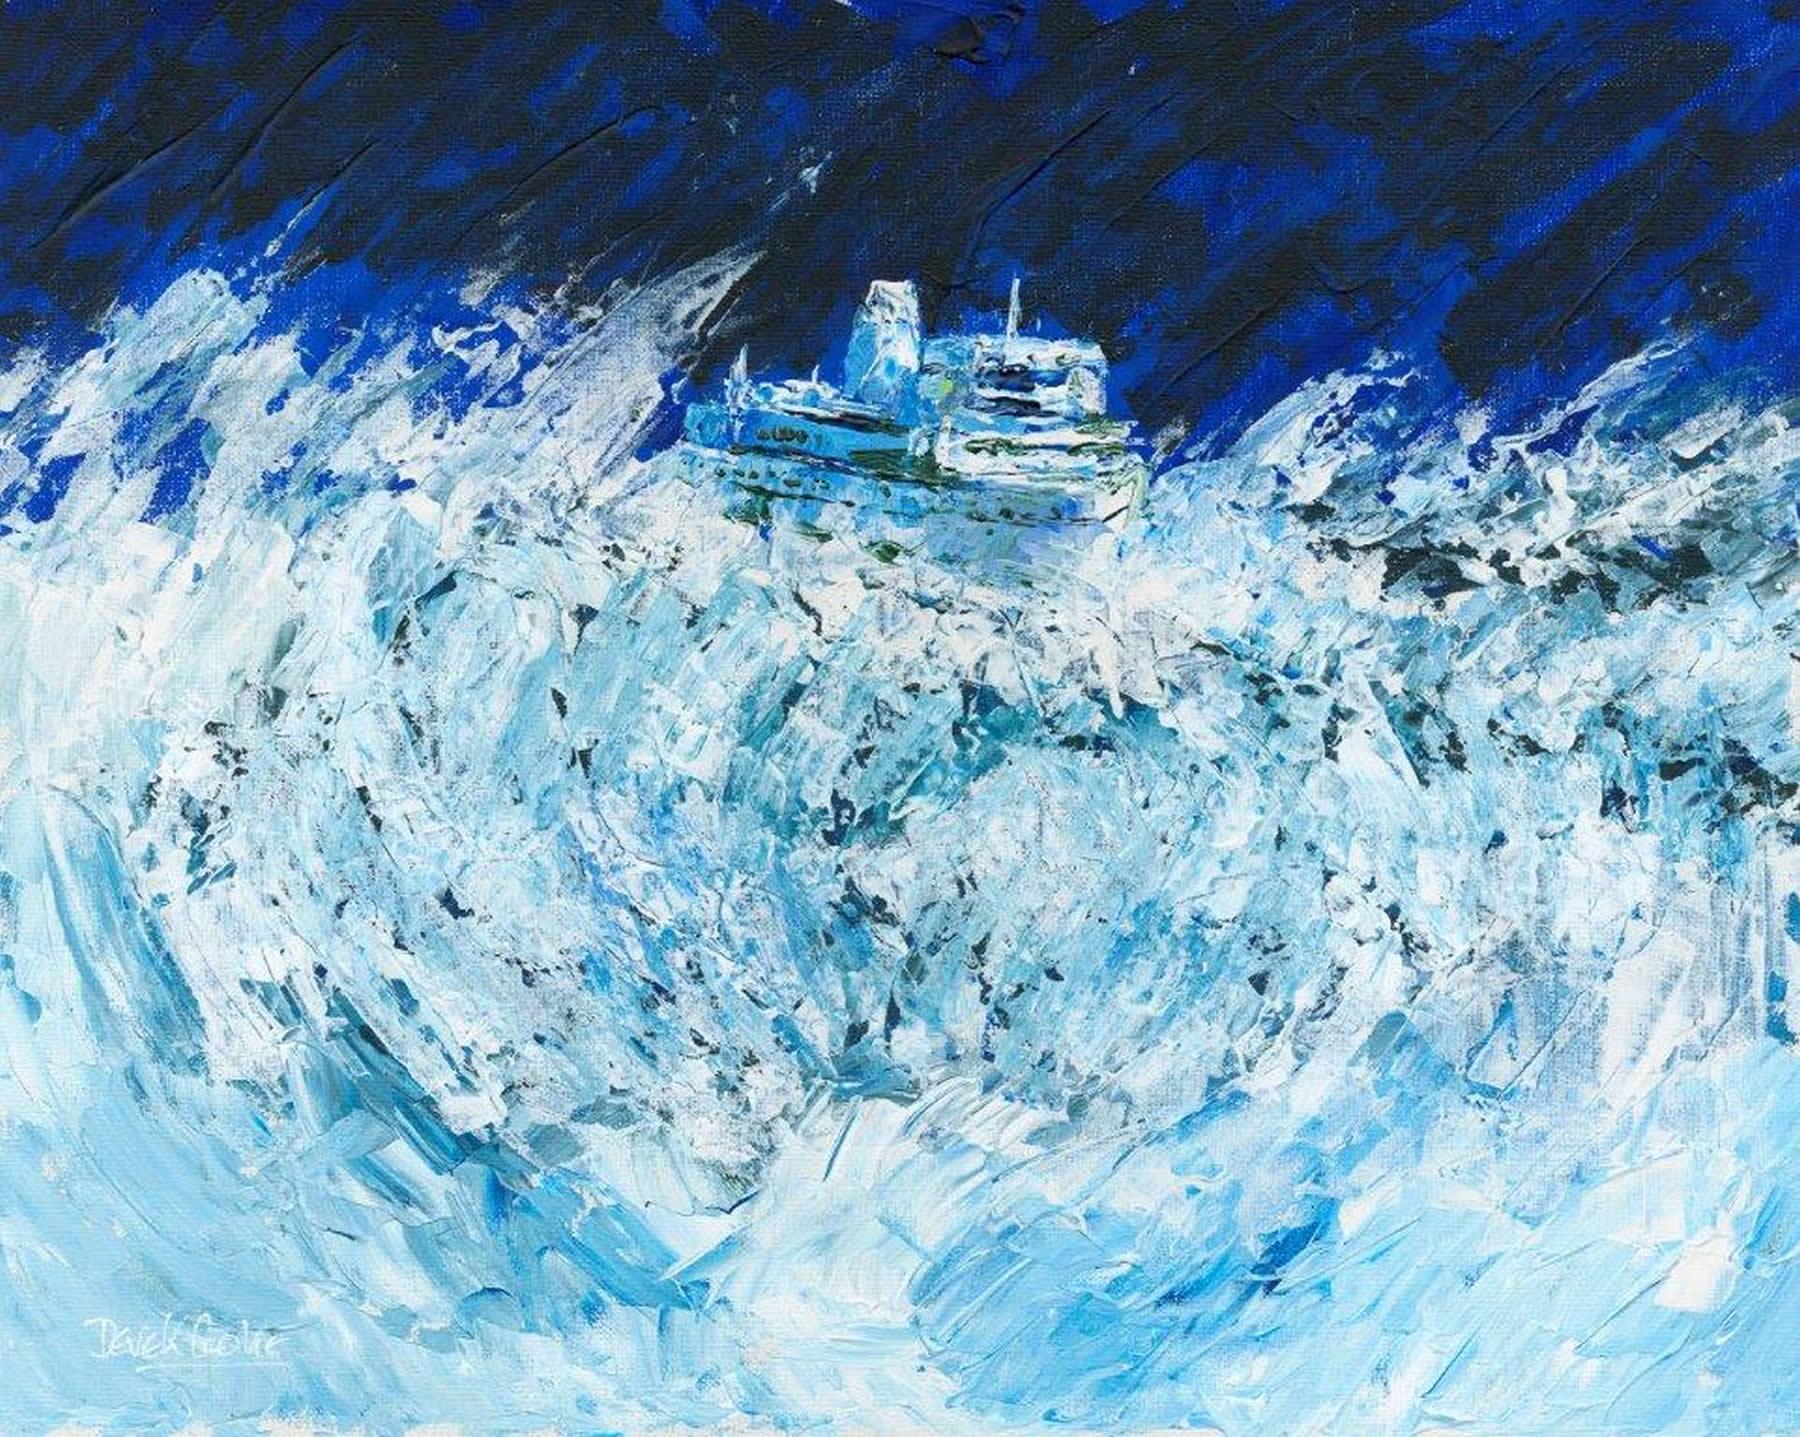 Art Prints Gallery - Not All Plain Sailing - Shepperton Artist Derek Cooke